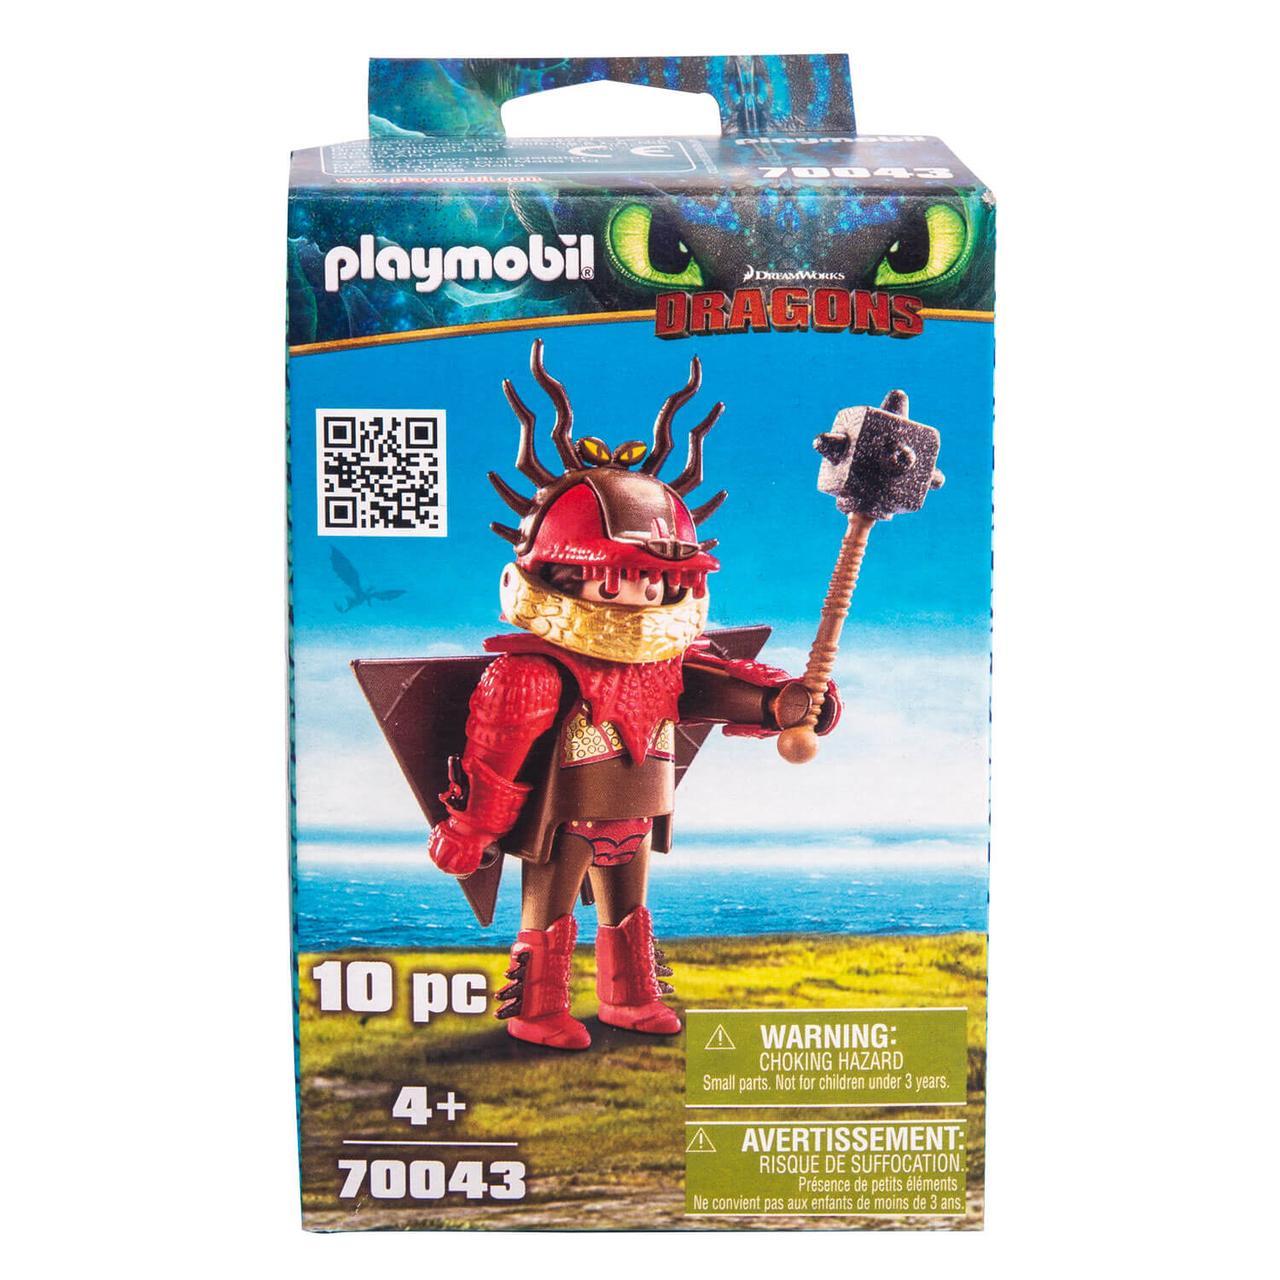 Конструктор Playmobil Драконы III: Сморкала в летном костюме - фото 1